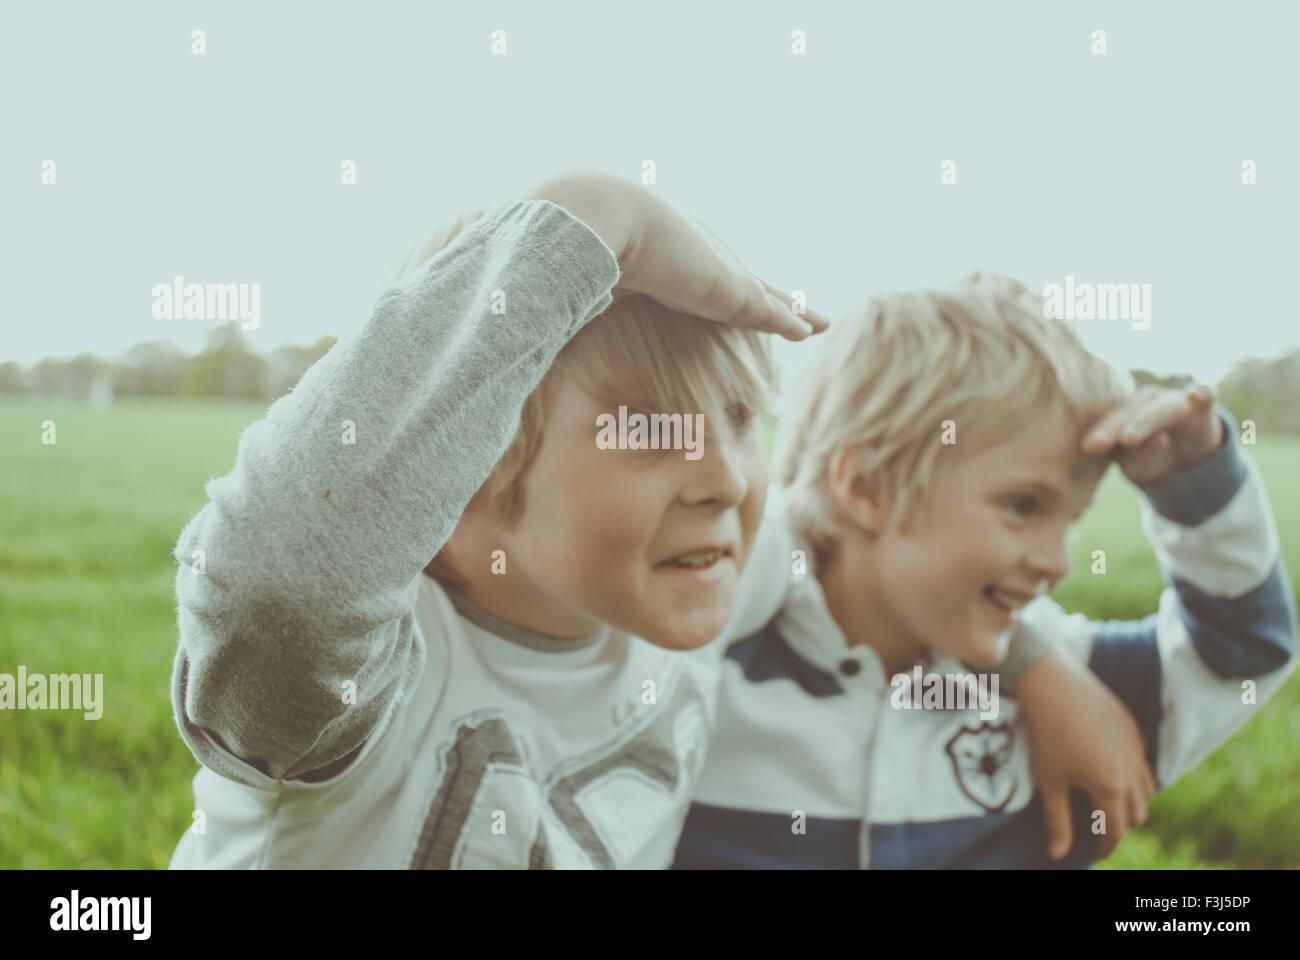 Dos hermanitos jugando en un campo Imagen De Stock